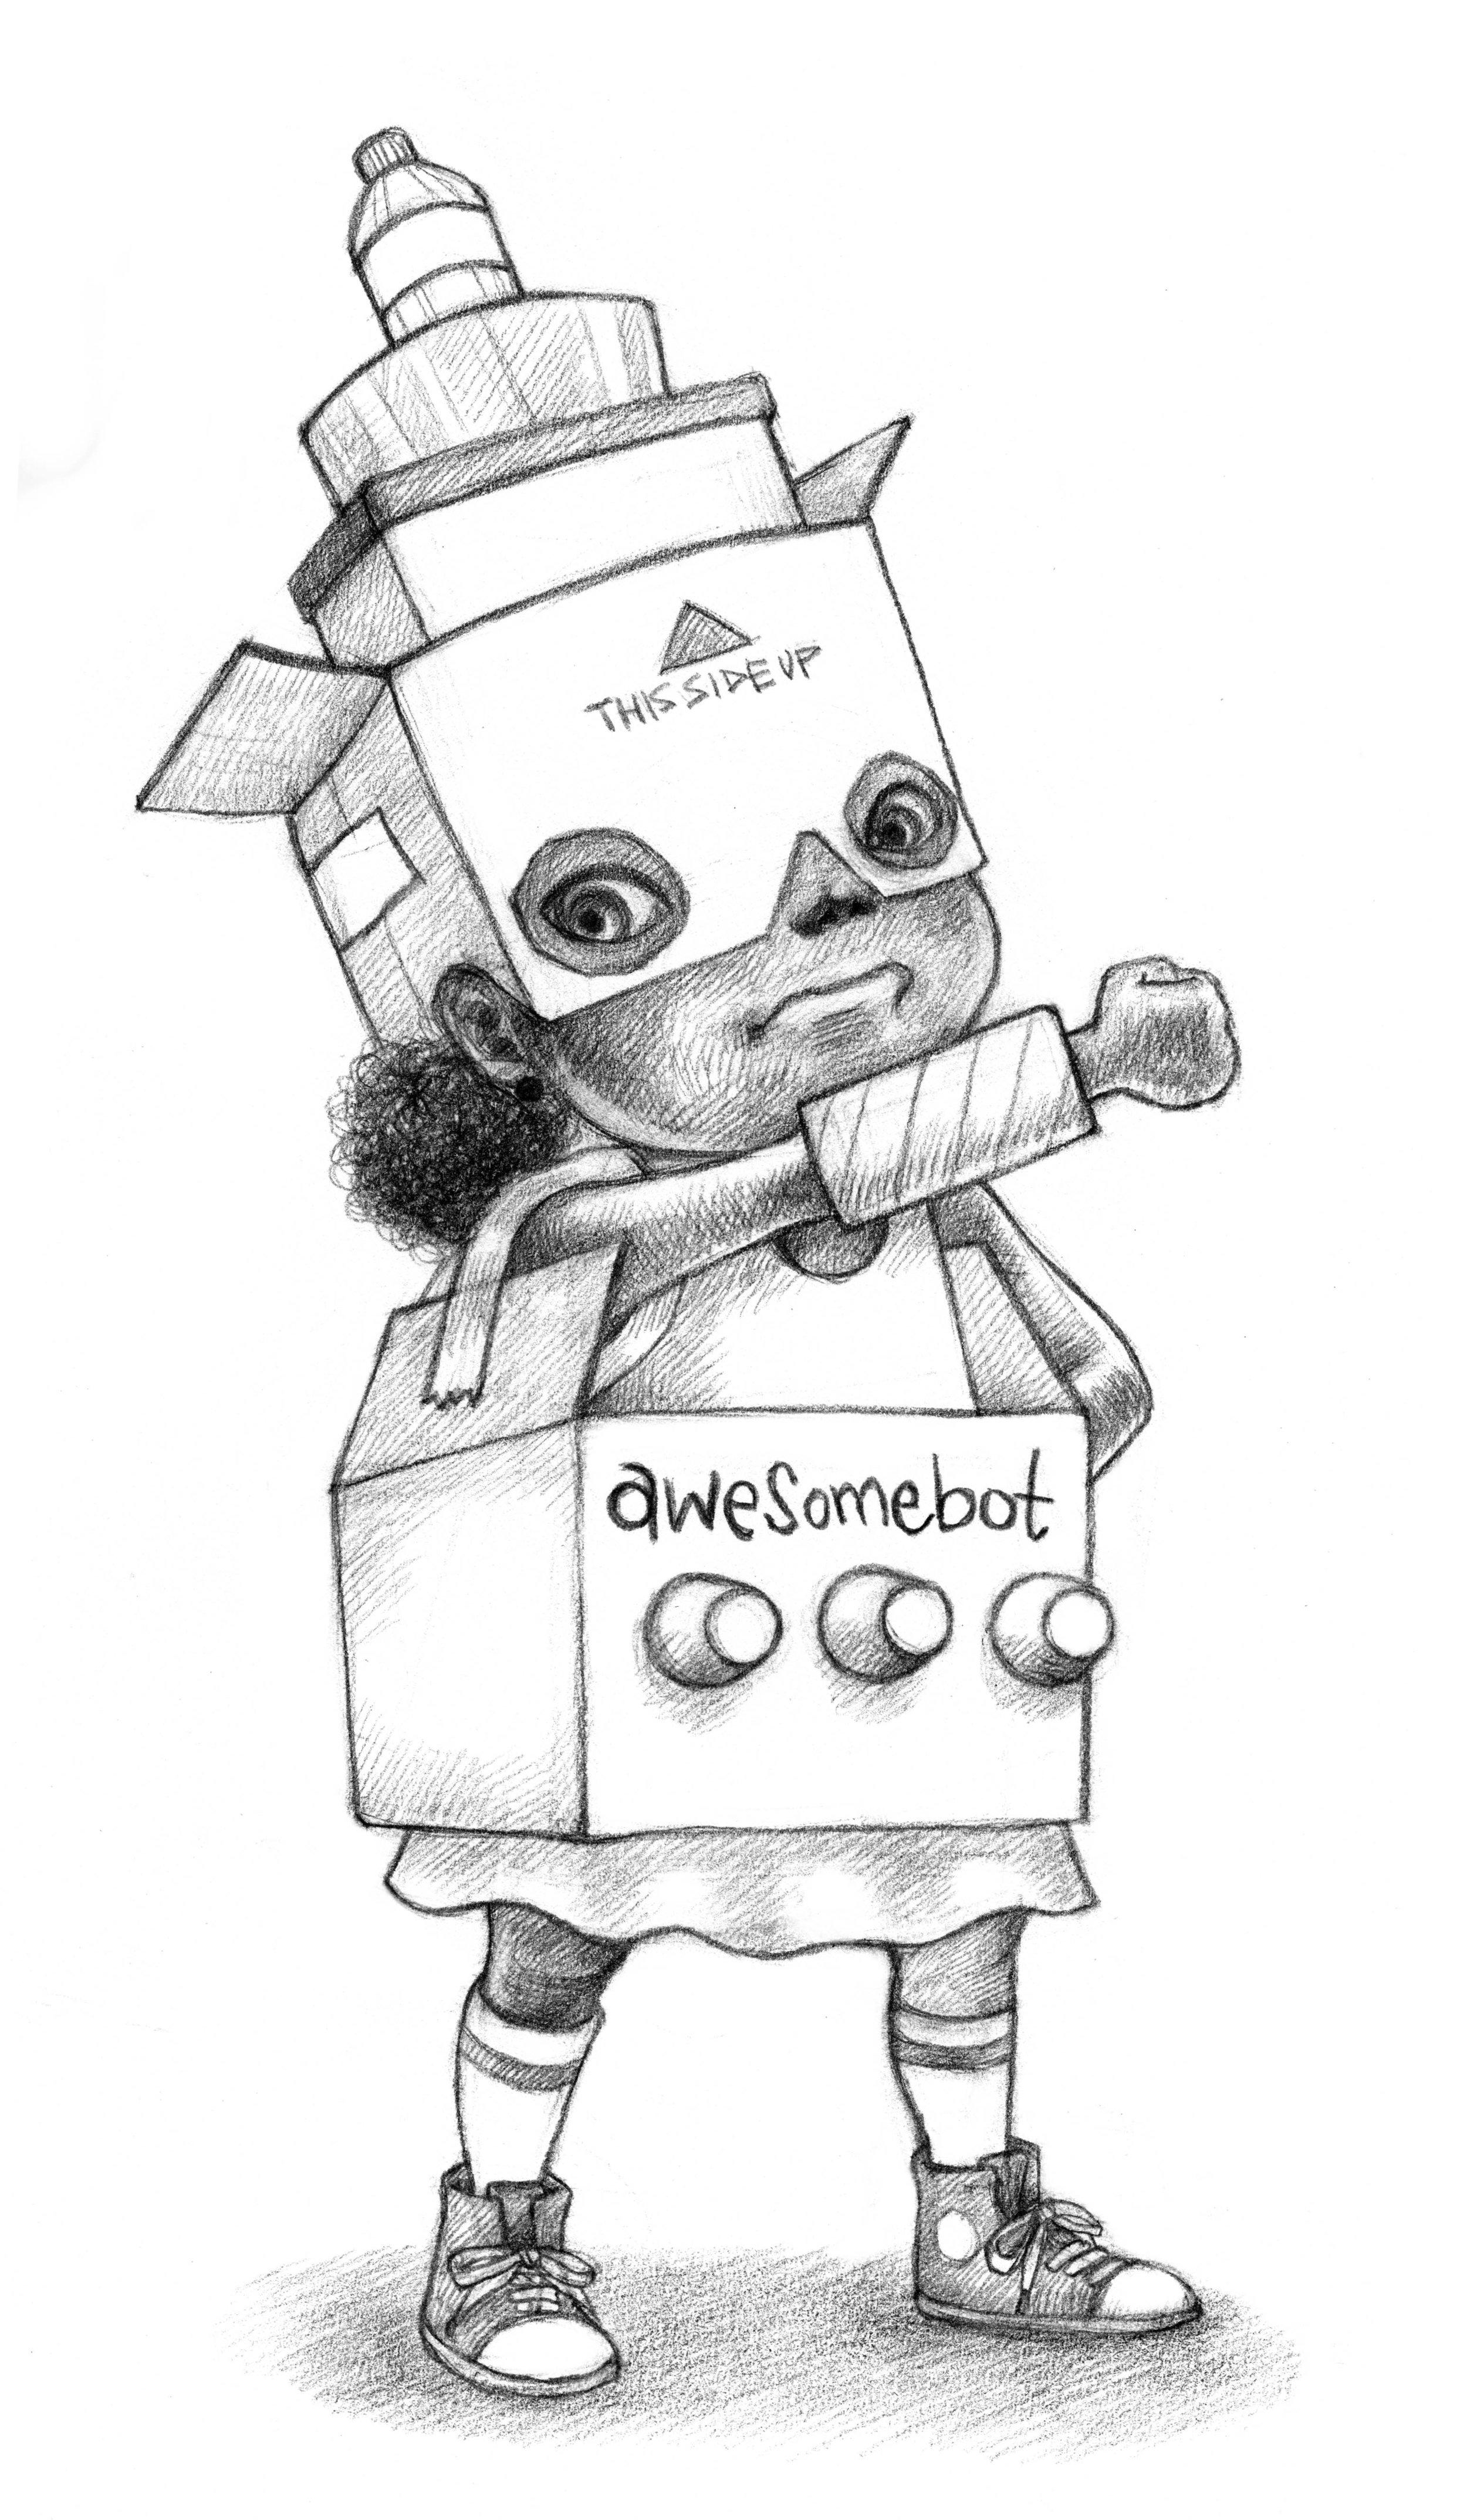 Awesomebot